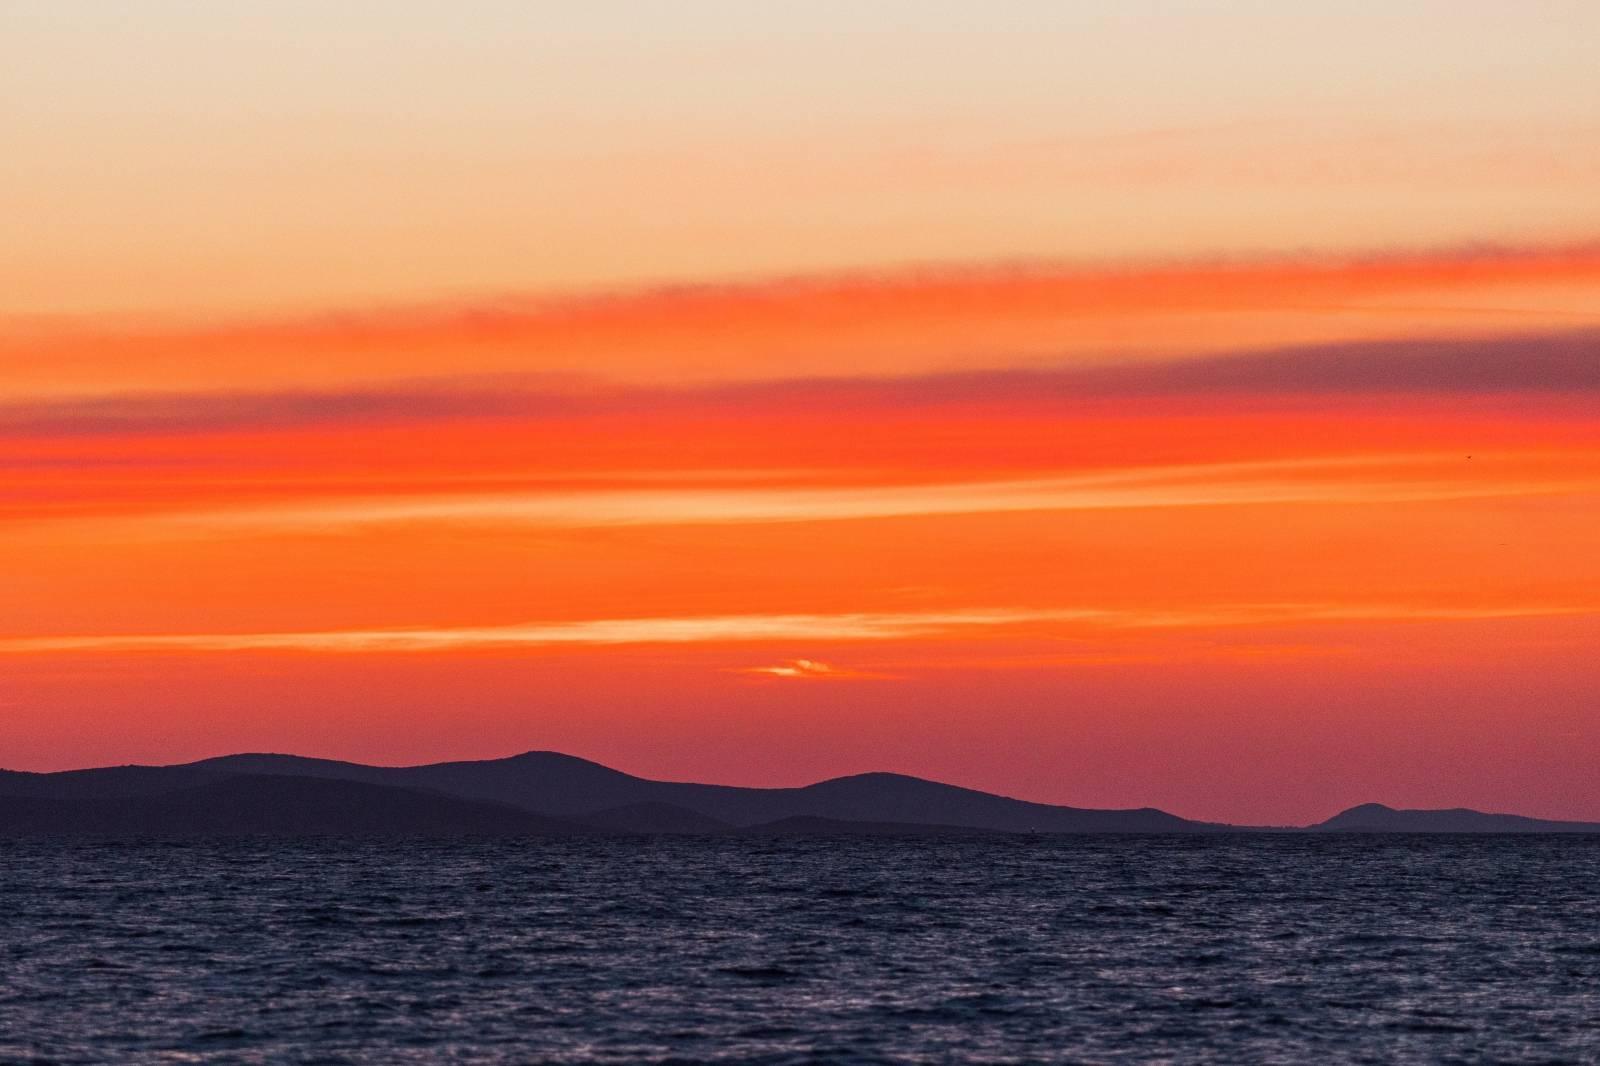 Zalazak sunca u Zadru slovi kao najljepši zalazak na svijetu